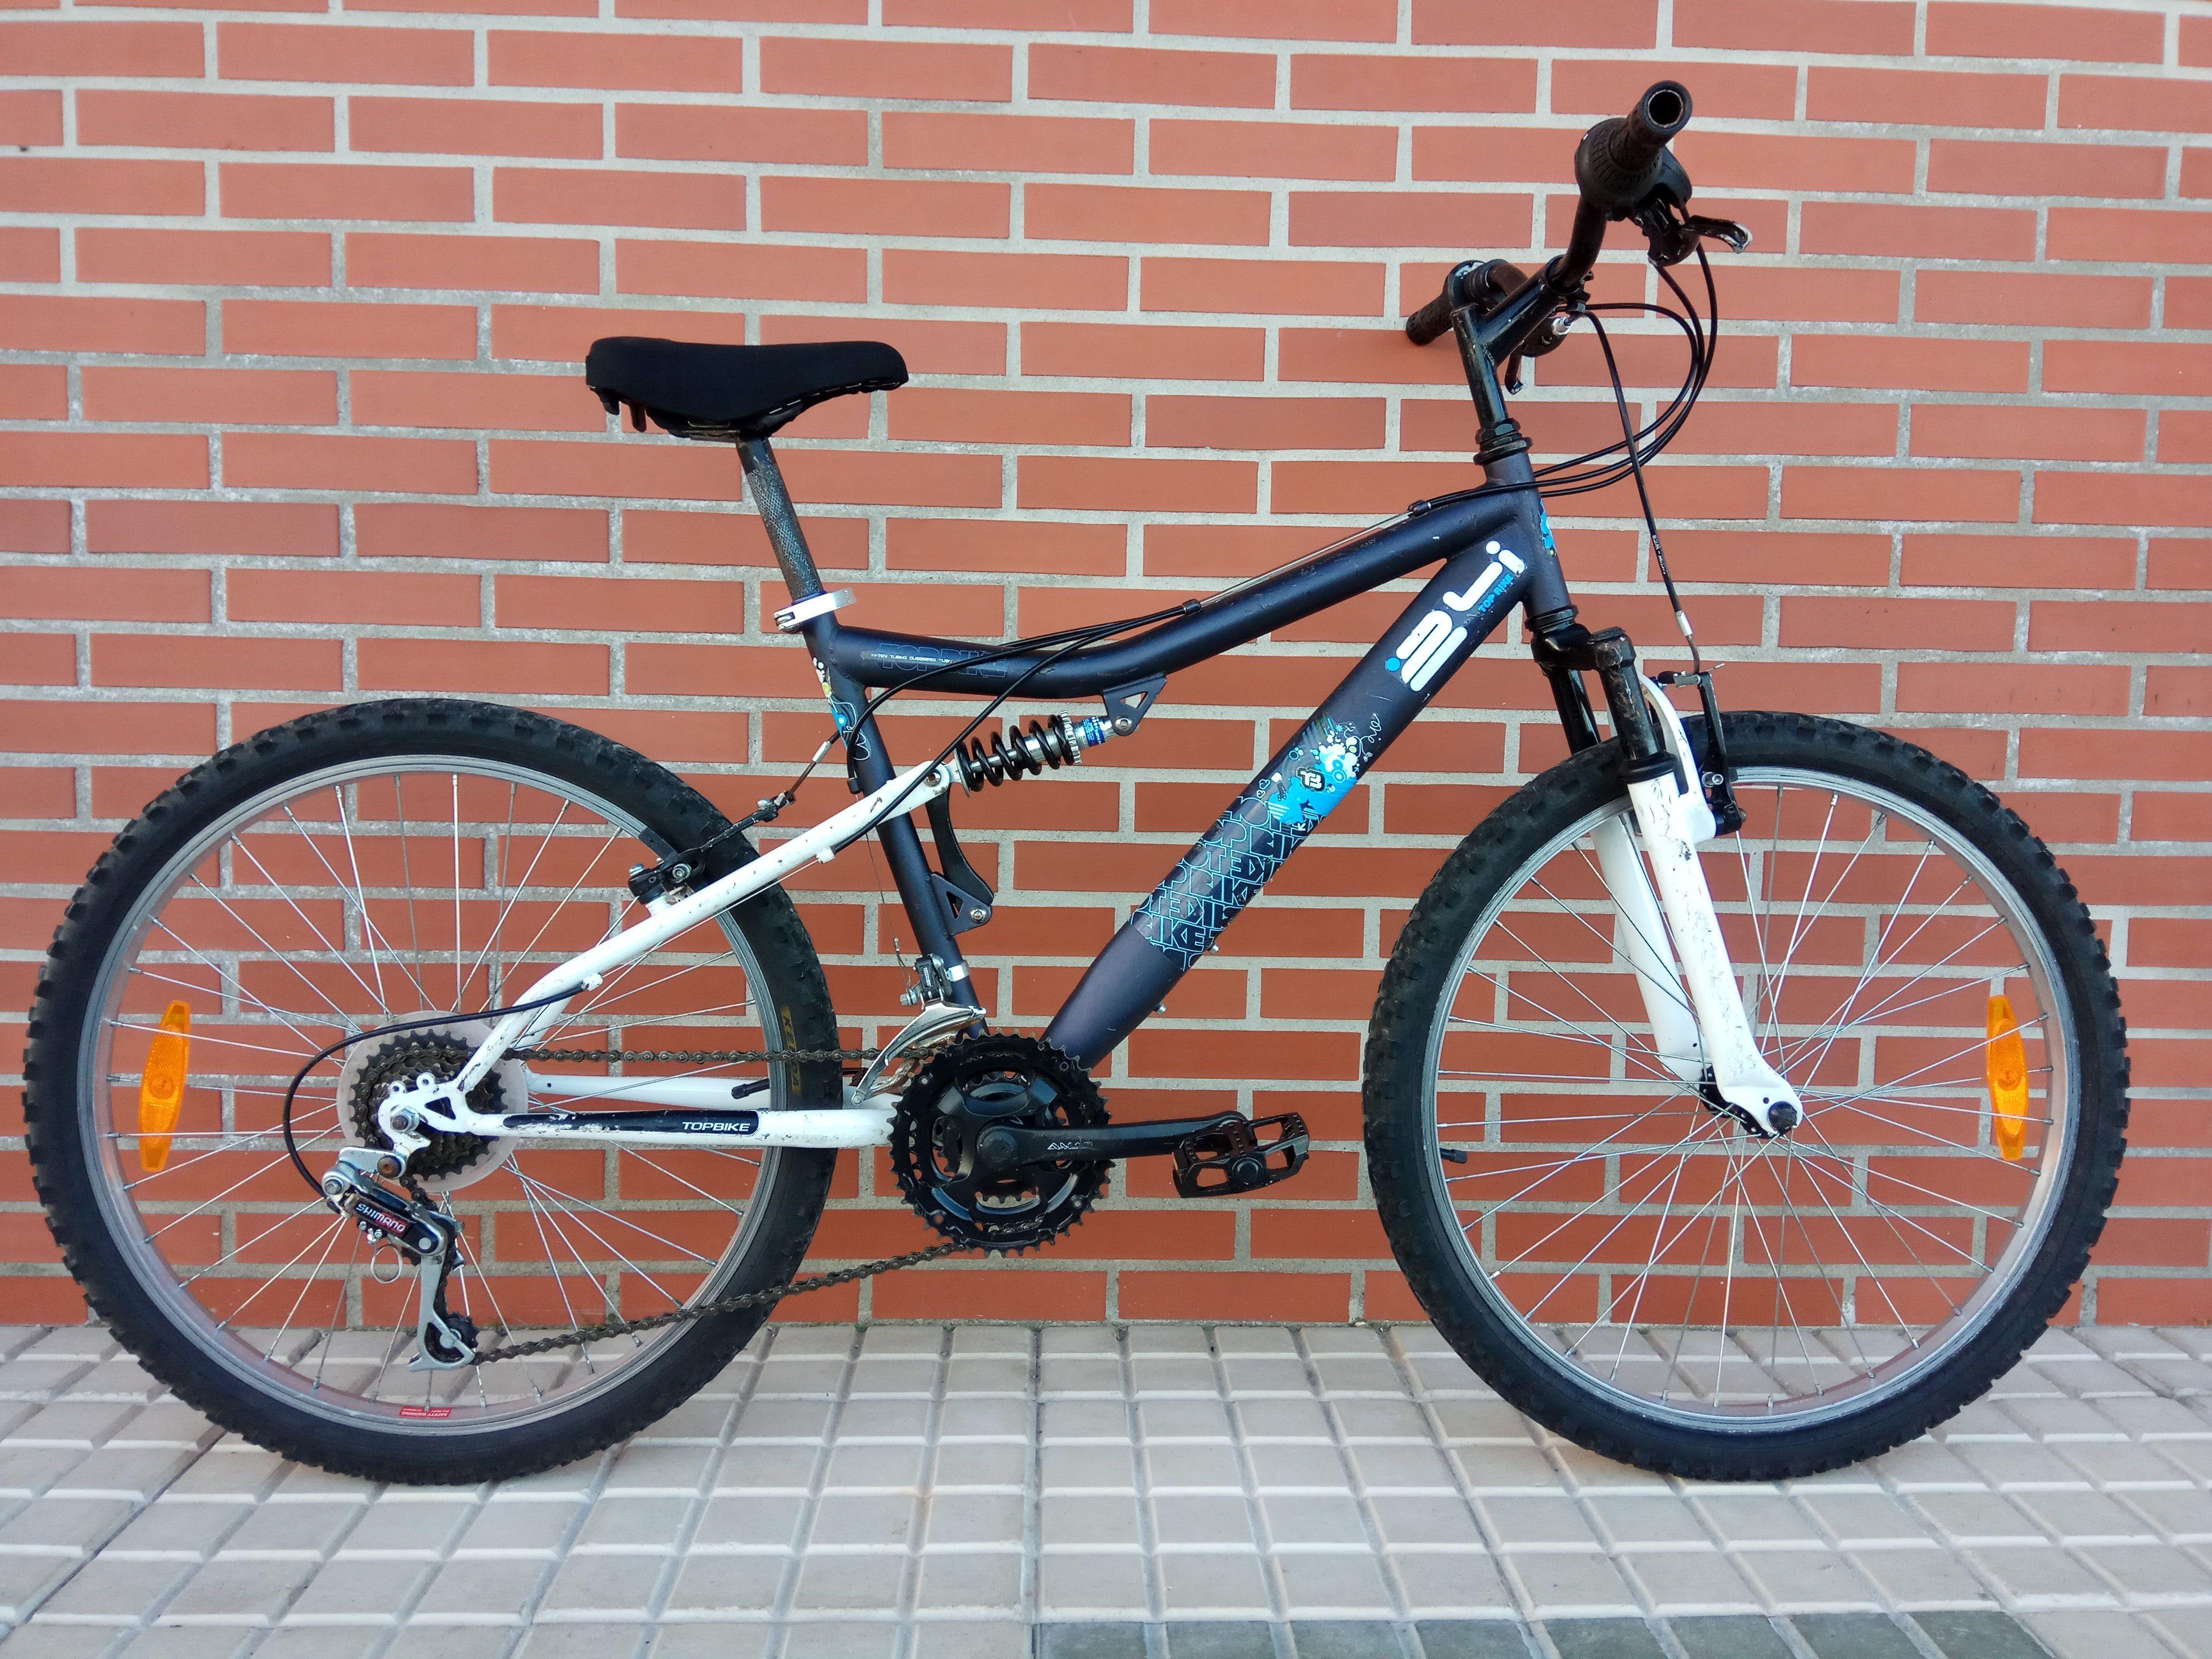 Bicicleta Topbike 24i 80€ MARCA: Topbike MODELO: 24i CLASE: Montaña ...